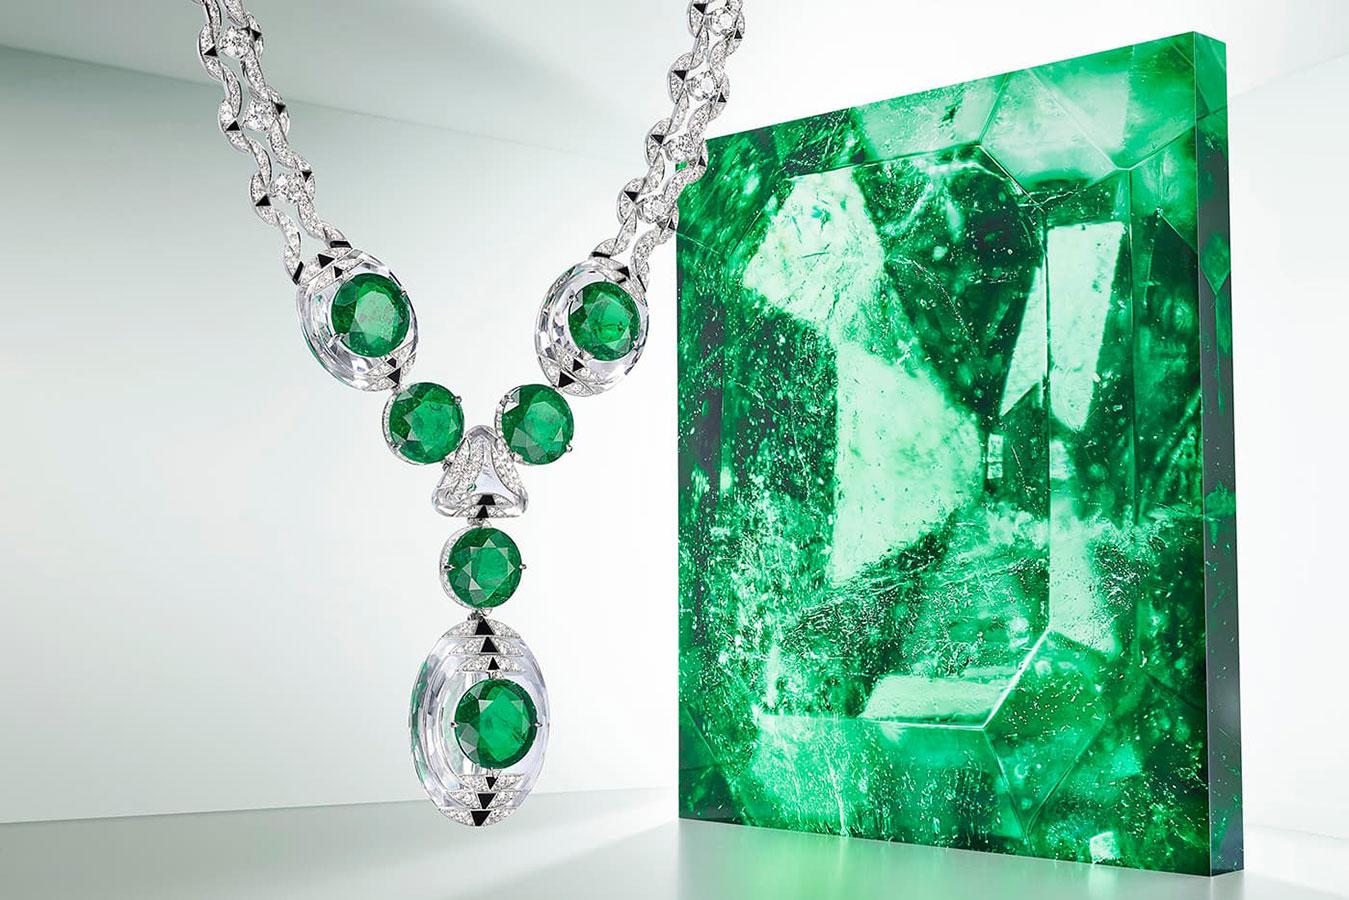 Vòng cổ Cartier Thèia thuộc bộ sưu tập Haute Joaillerie Magnitude. Điểm đặc sắc là các viên ngọc lục bảo Colombia ghép mượt mà với đá quartz trong suốt.